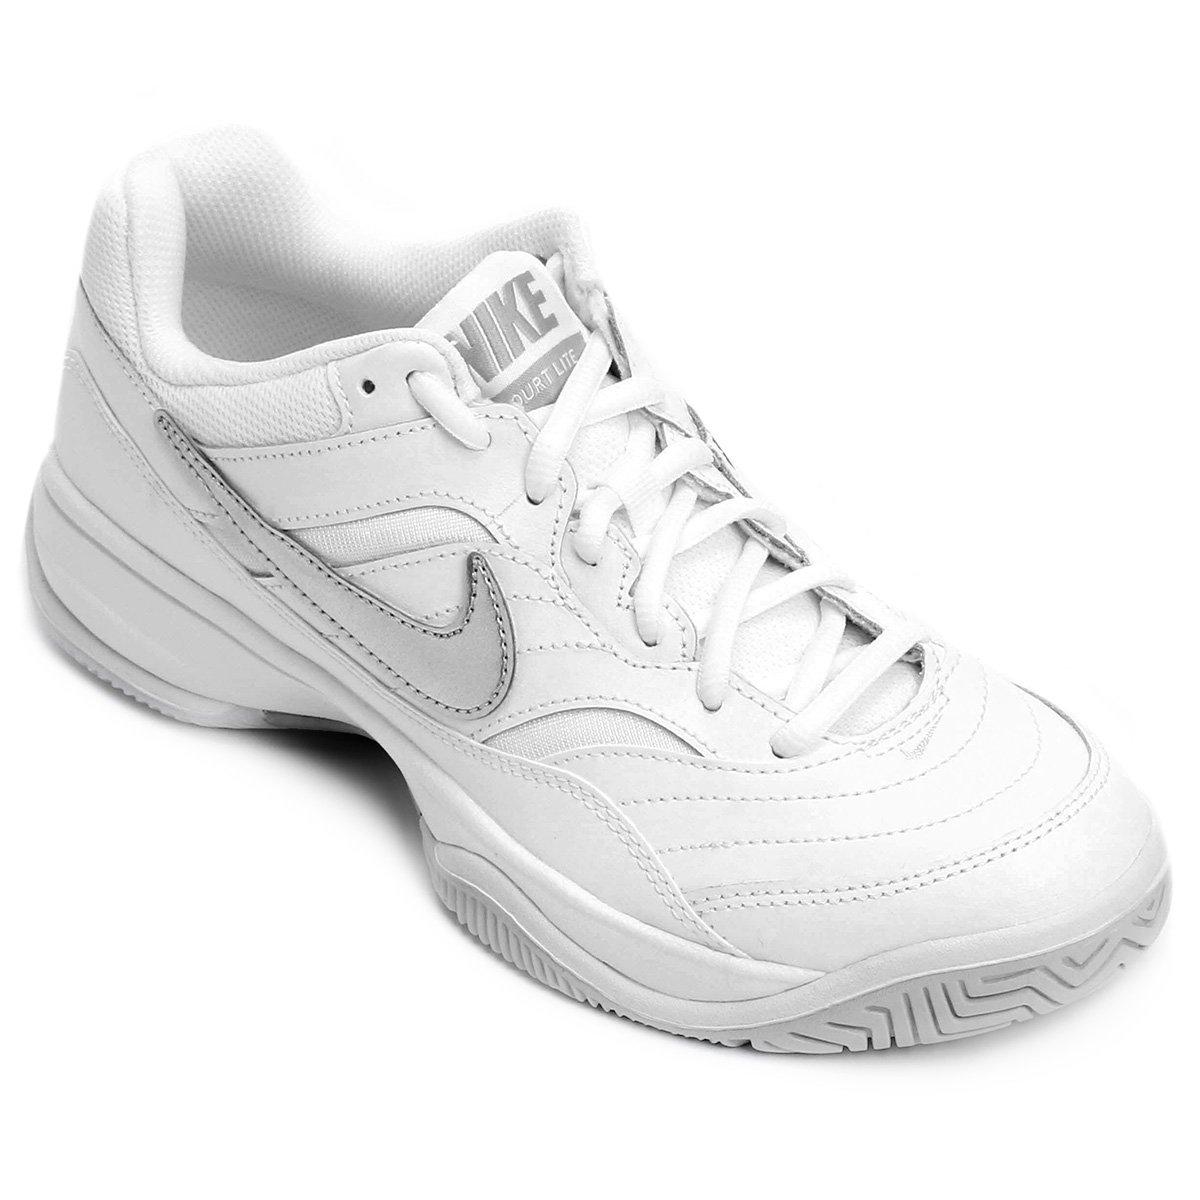 e1582412a5b4c Tênis Nike Wmns Nike Court Lite Feminino   Livelo -Sua Vida com Mais ...